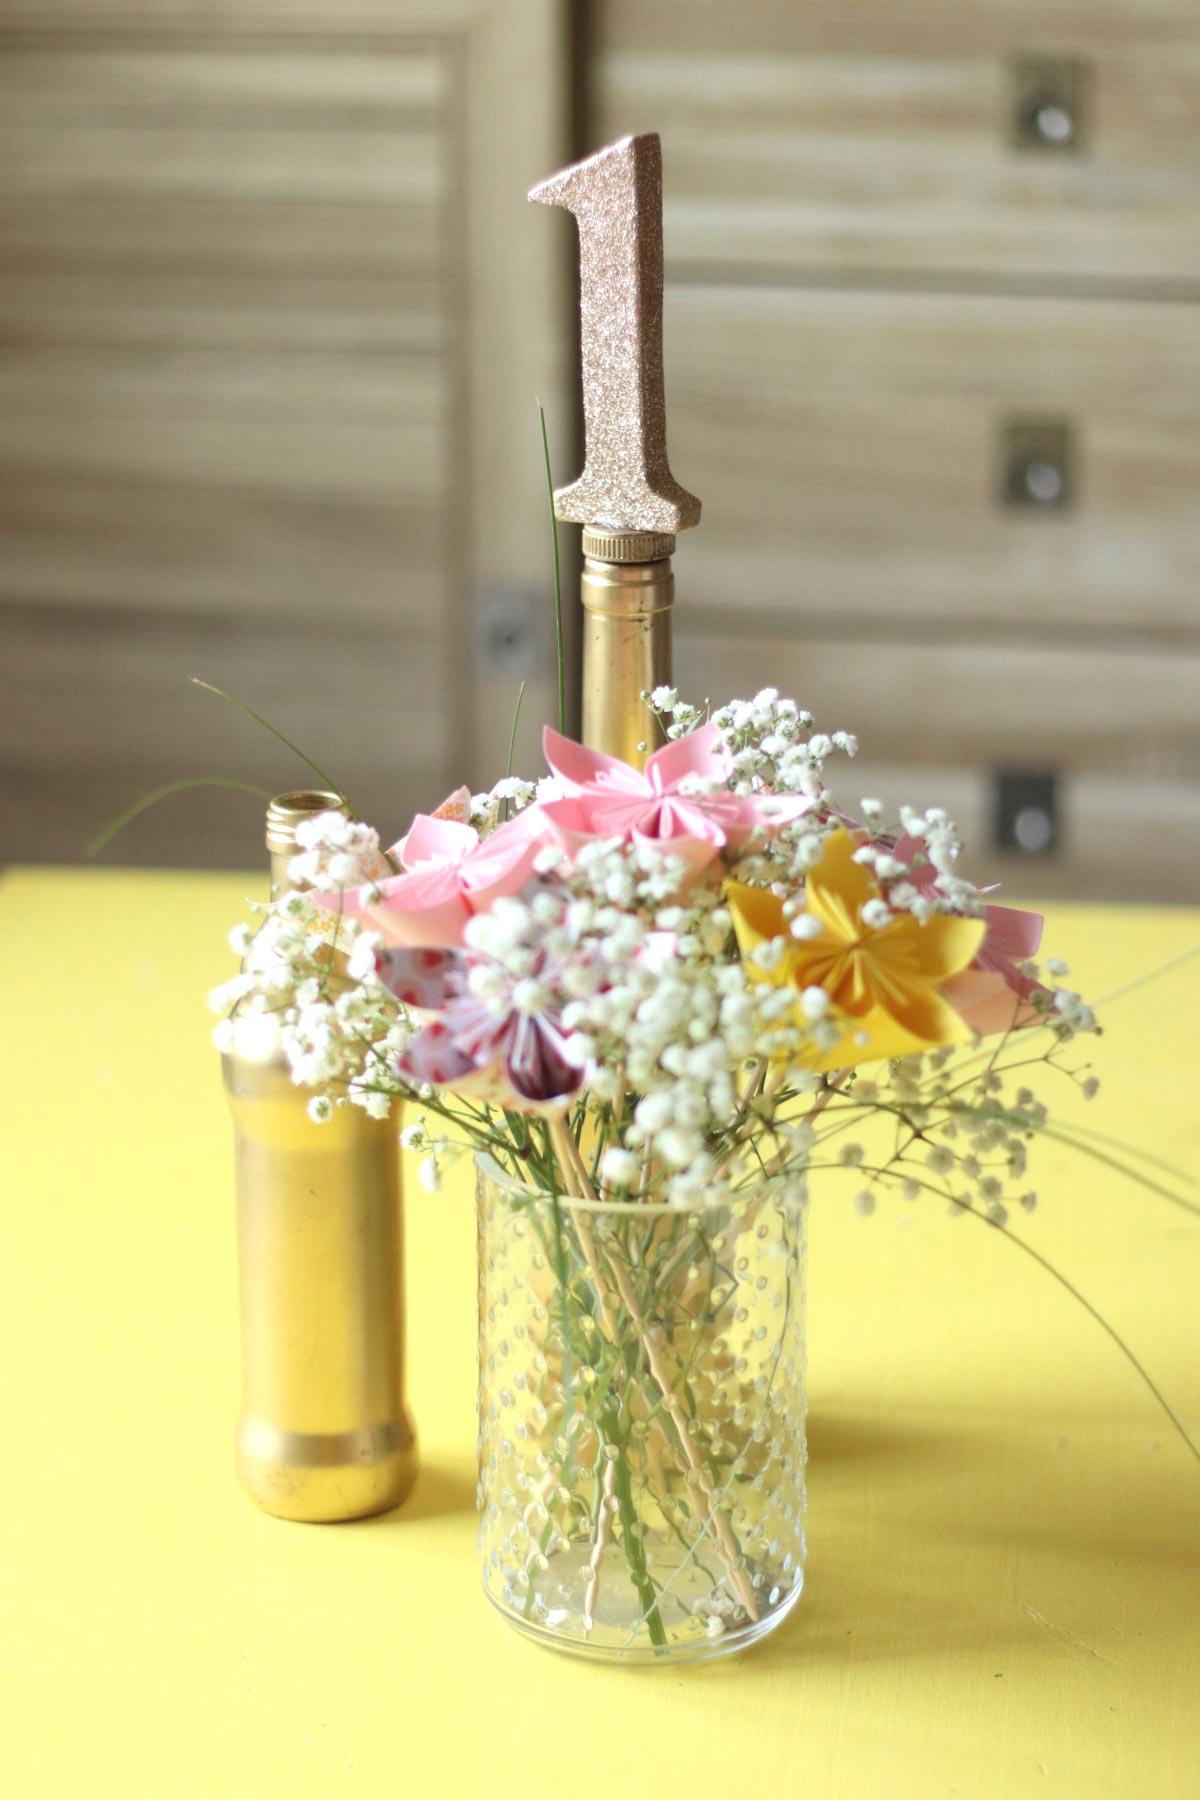 diy mariage bouchon num ro de table. Black Bedroom Furniture Sets. Home Design Ideas